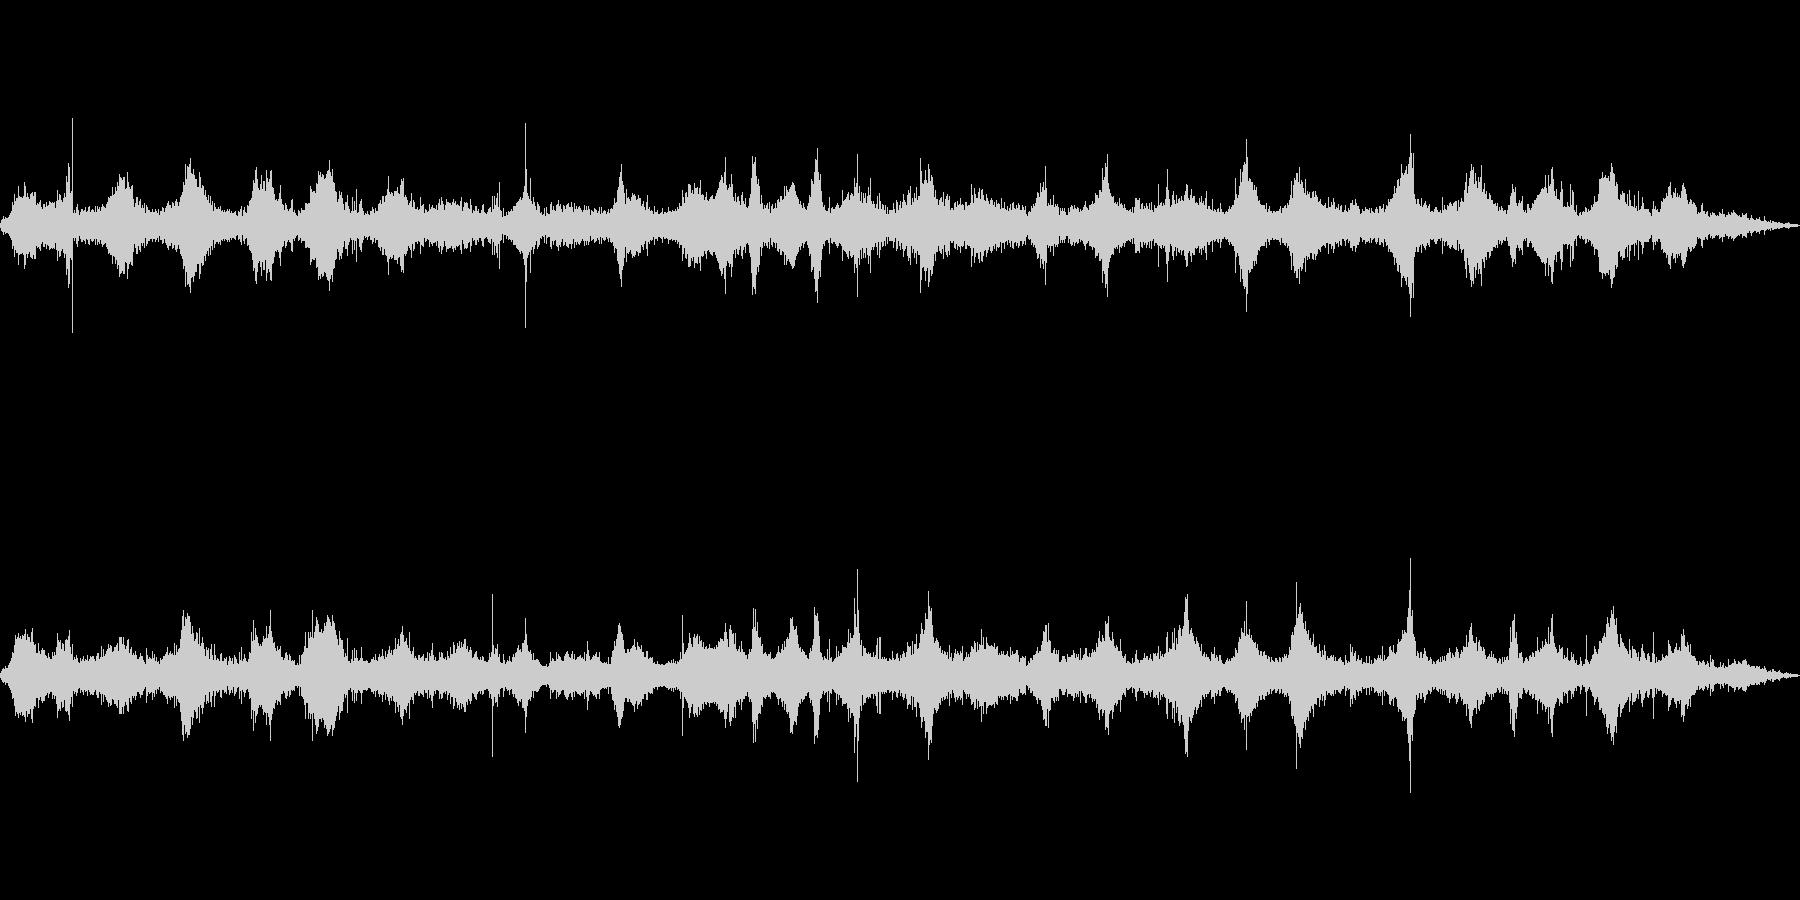 海 波 浜辺 海岸 カモメの環境音 21の未再生の波形